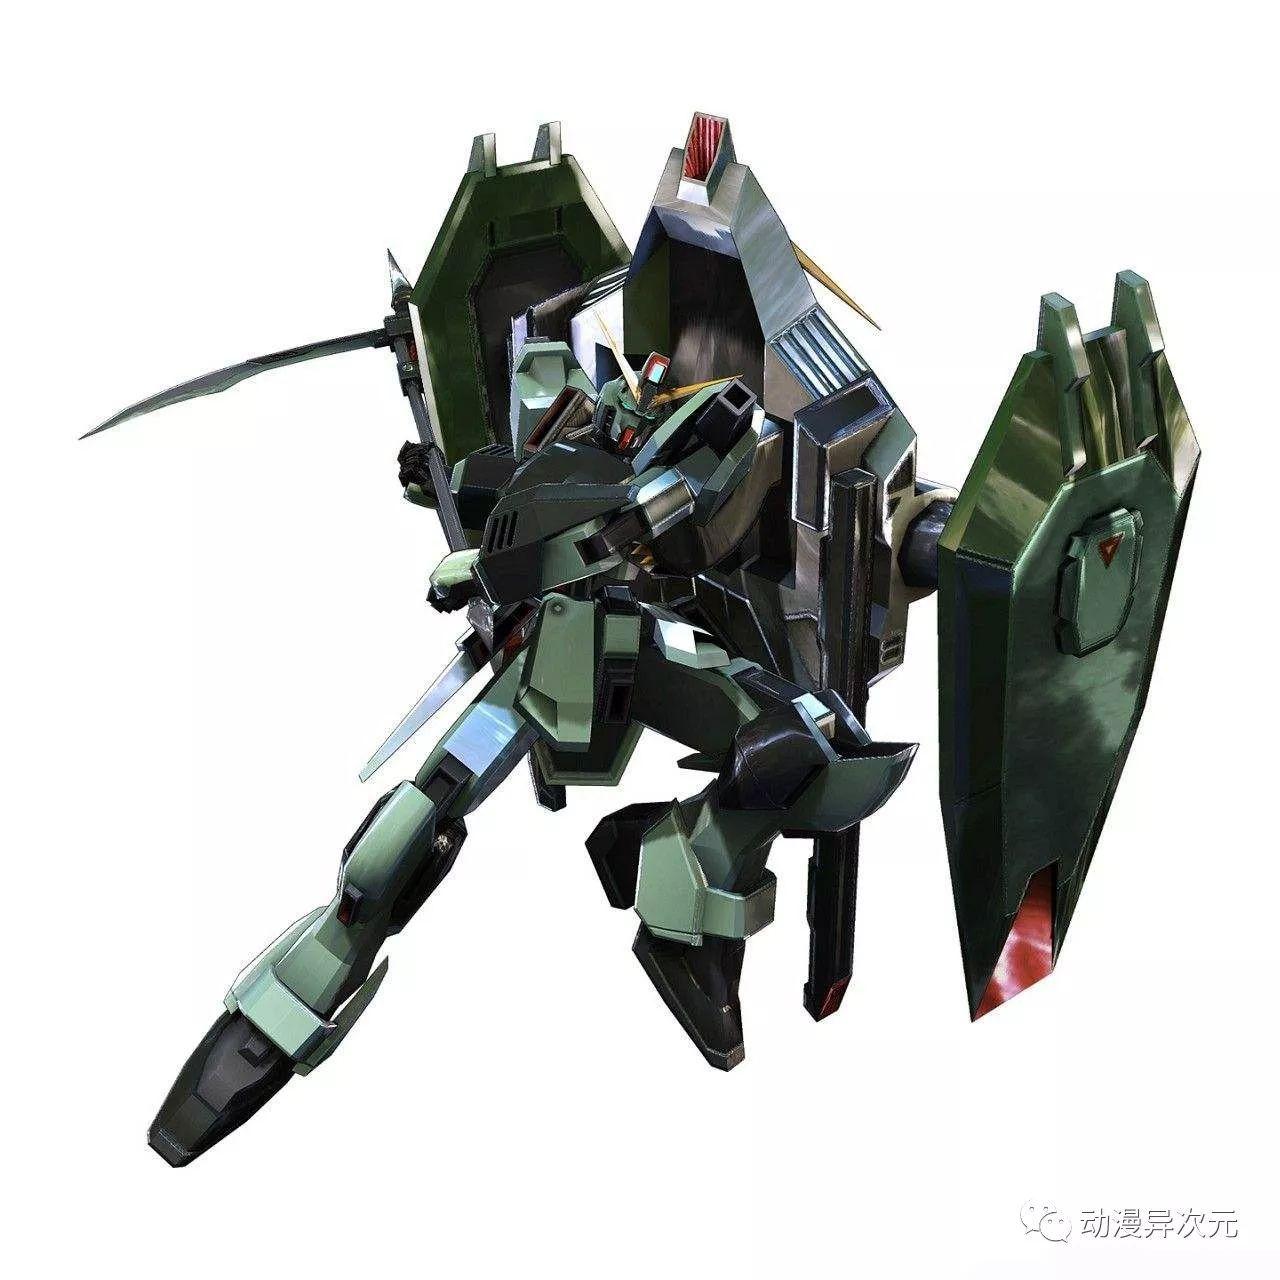 所以,灾难高达完全舍弃了近距离格斗战装备,仅能用盾牌应付常规武器